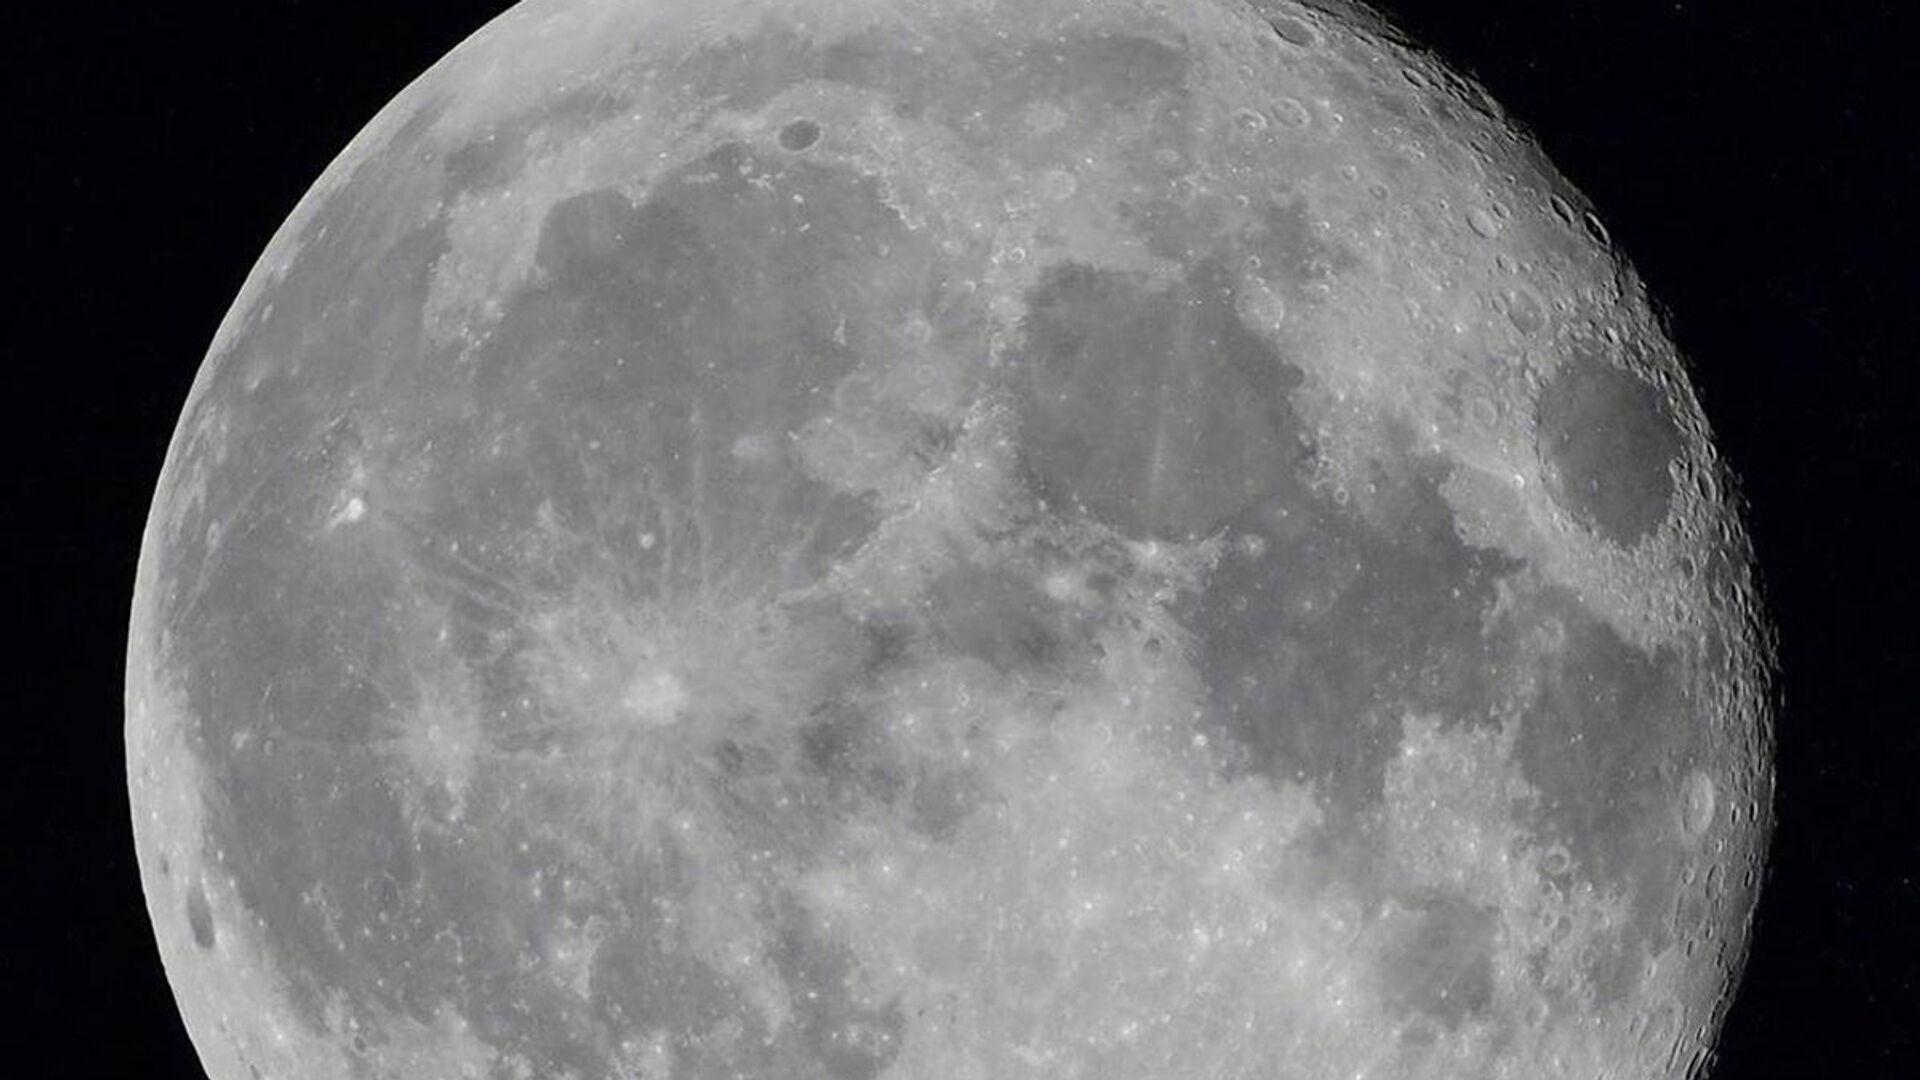 Měsíc z Mezinárodní vesmírné stanice. Ilustrační foto - Sputnik Česká republika, 1920, 03.06.2021